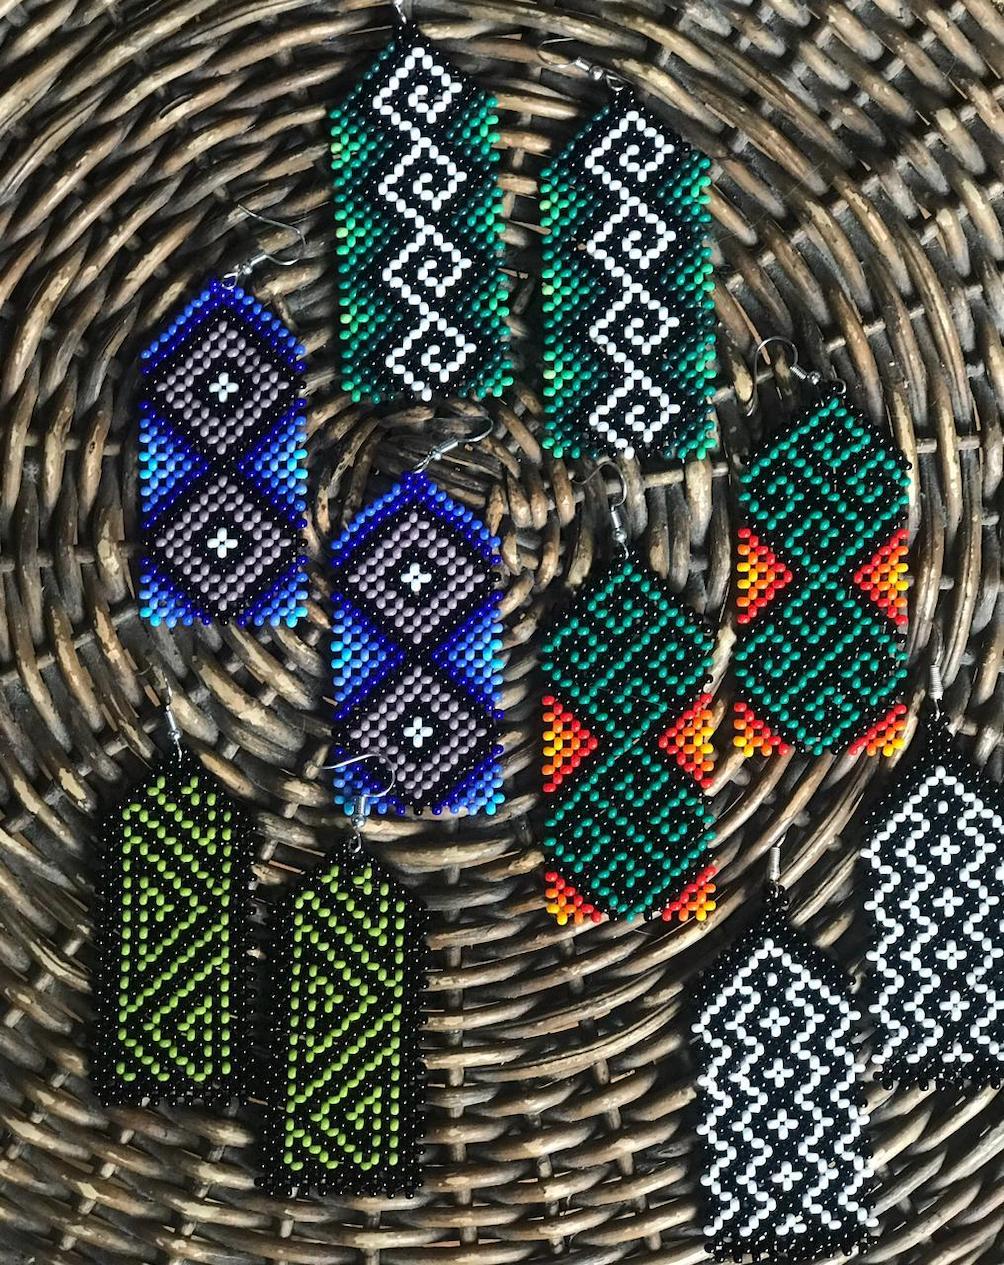 Brinco Indígena Verde, Branco e Preto